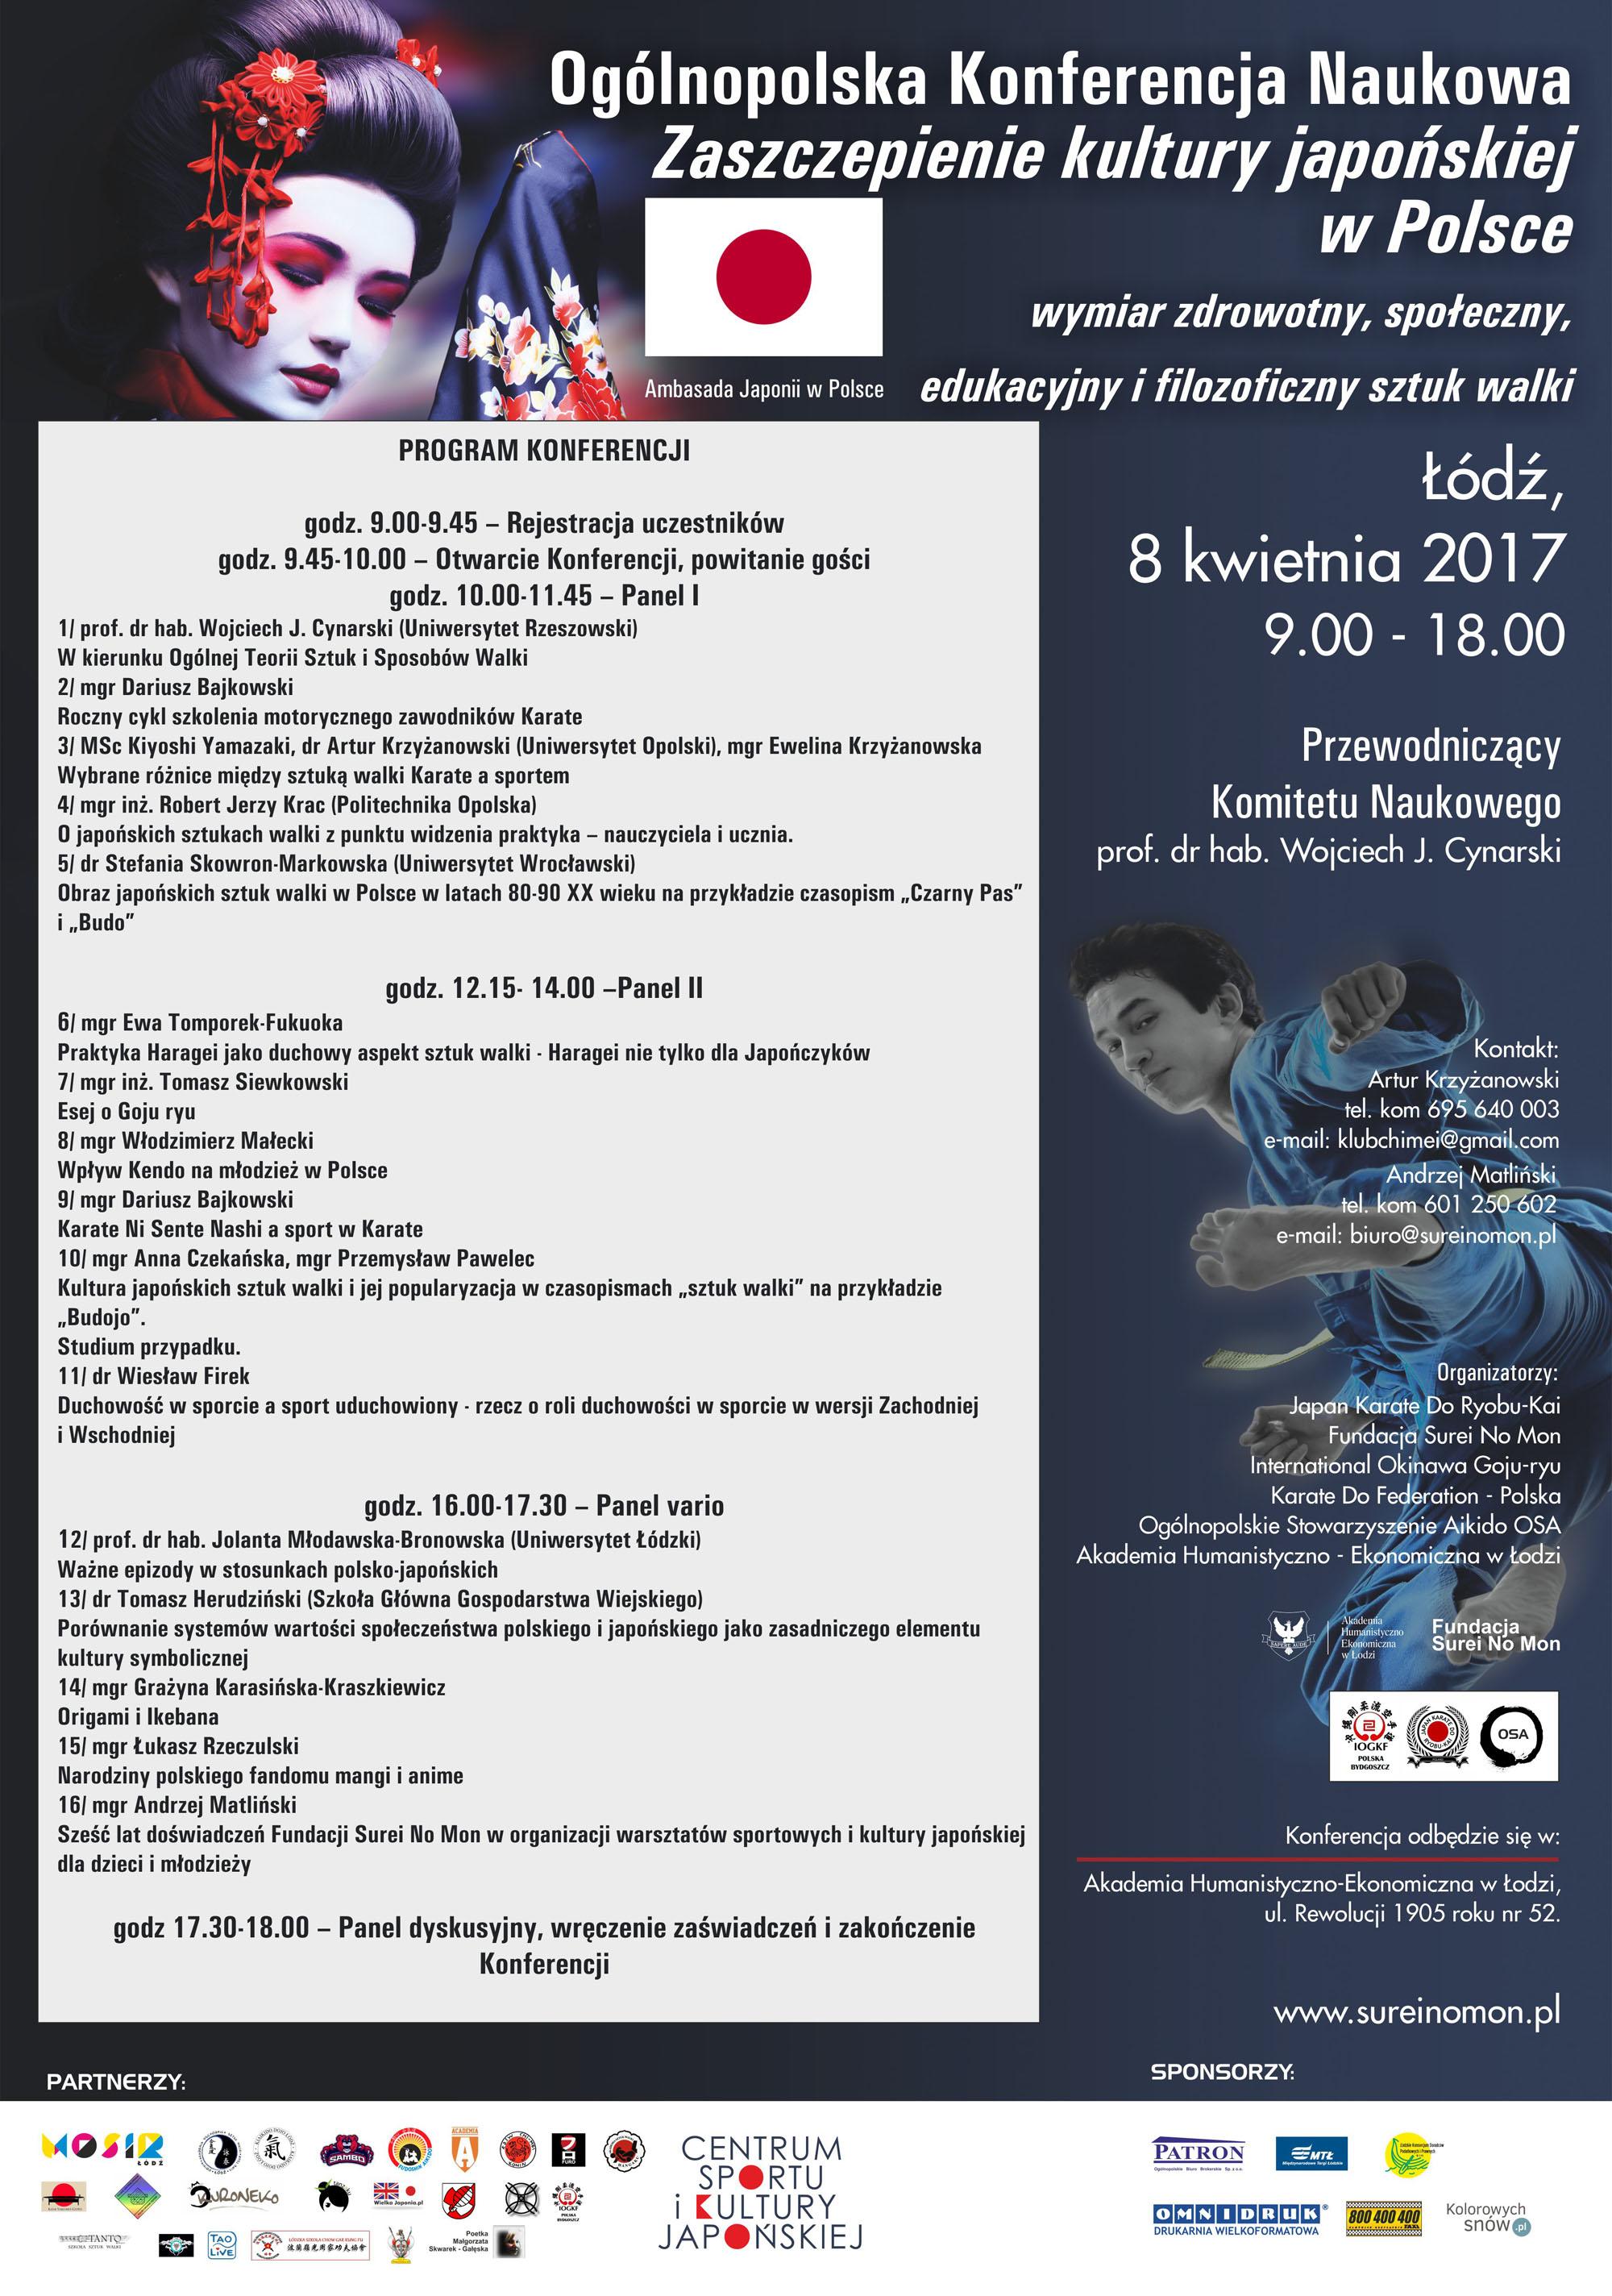 Zaszczepienie Kultury Japońskiej w Polsce – wymiar zdrowotny, społeczny, edukacyjny i filozoficzny sztuk walki.